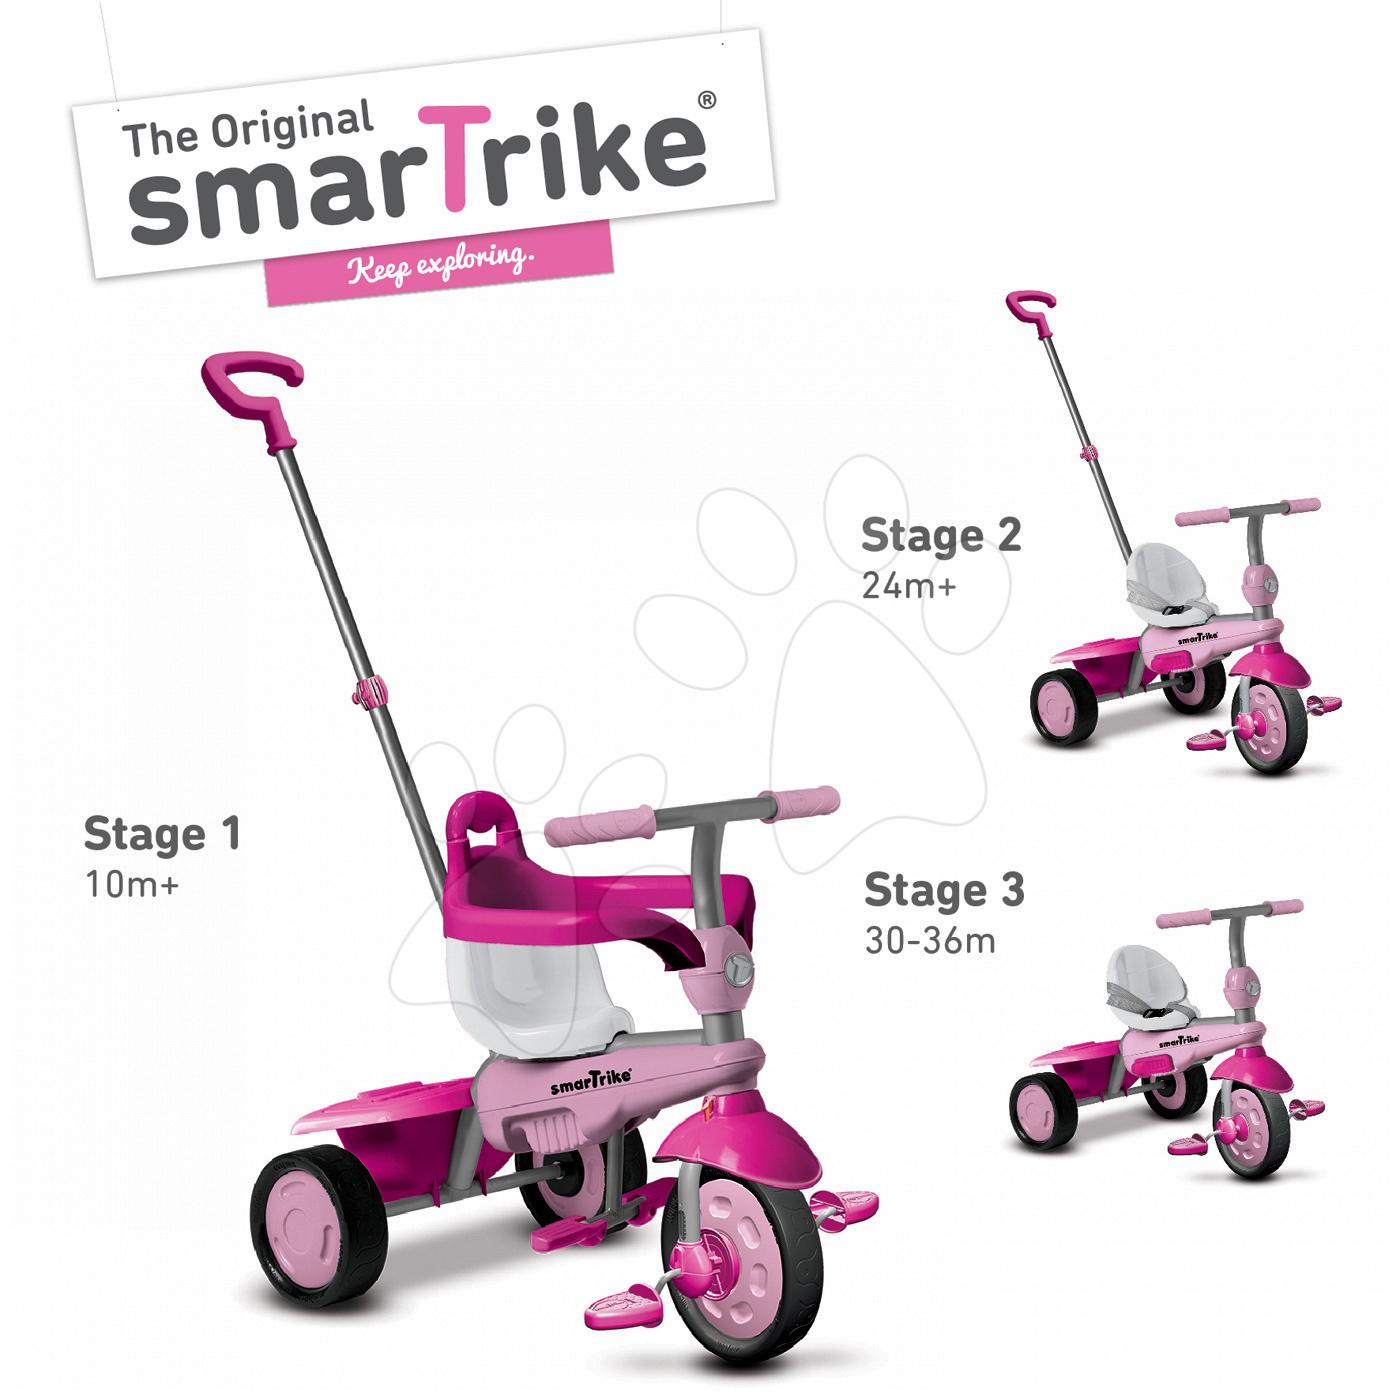 Trojkolky od 10 mesiacov - Trojkolka Breeze Touch Steering smarTrike ružovo-fialová od 10 mes